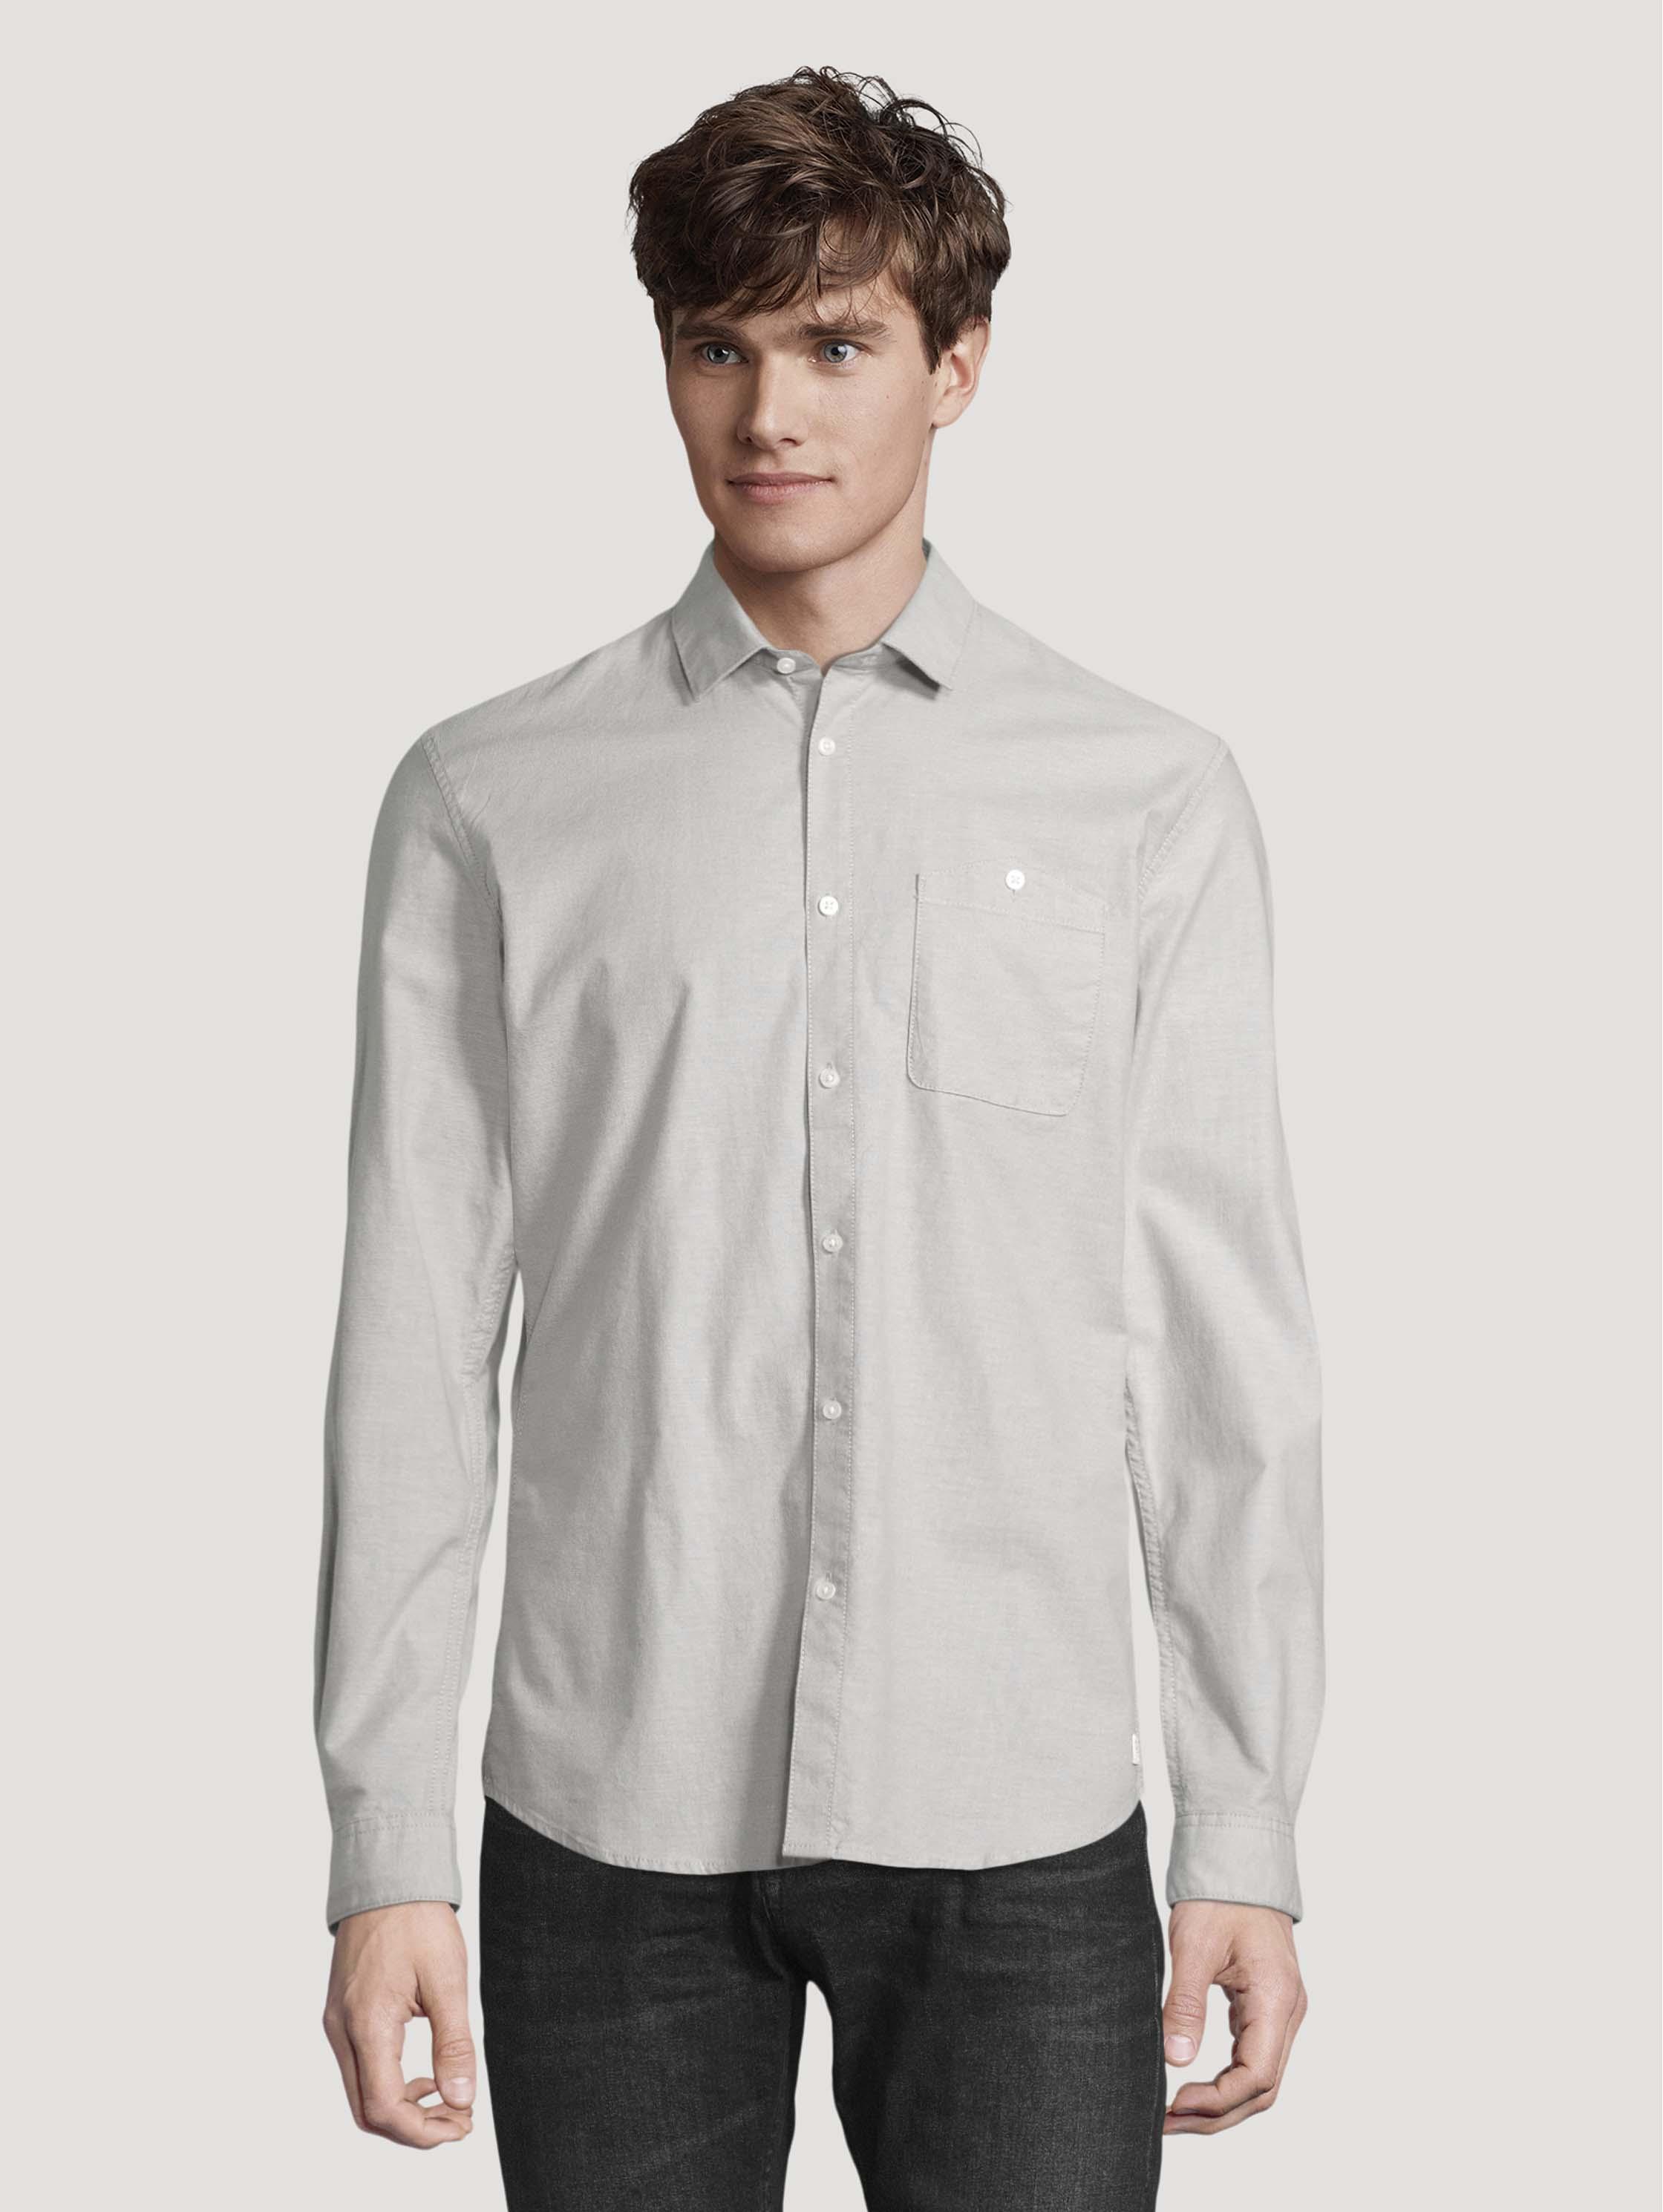 Рубашка мужская TOM TAILOR 1026876 серая M